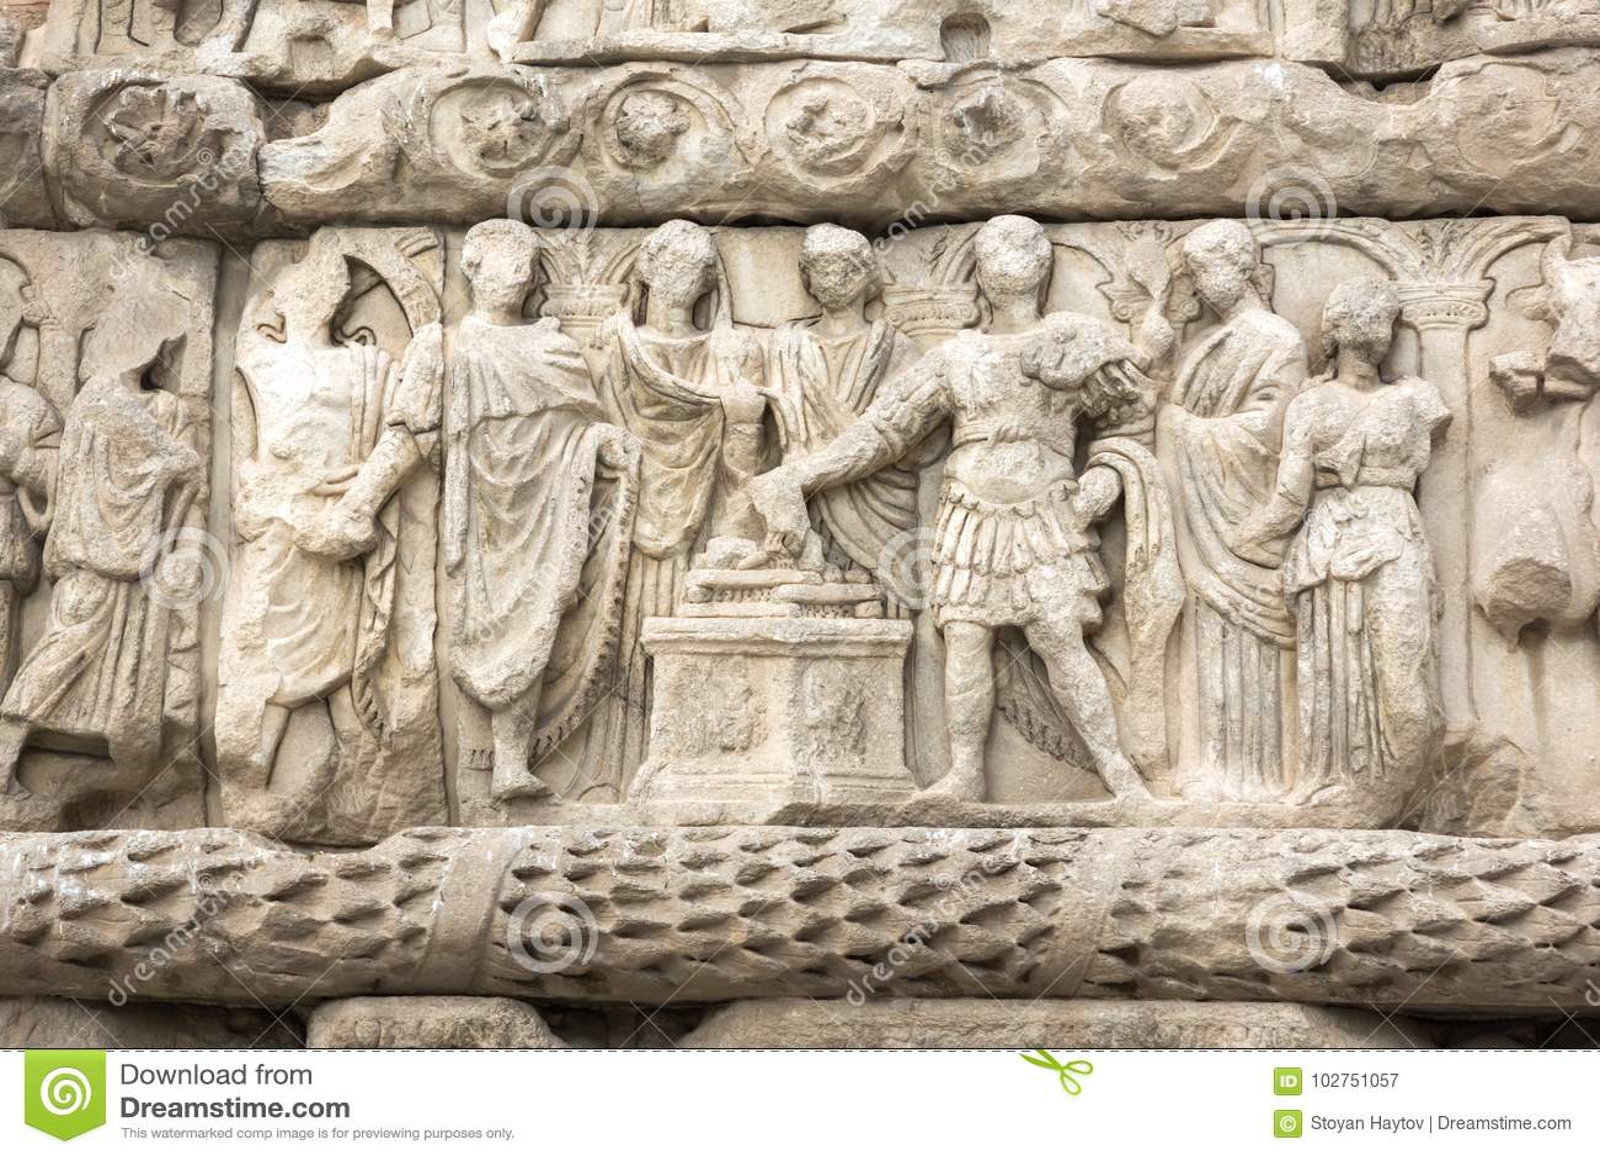 Ρωμαϊκή αψίδα Galerius στο κέντρο της πόλης Θεσσαλονίκης, κεντρική Μακεδονία, Ελλάδα